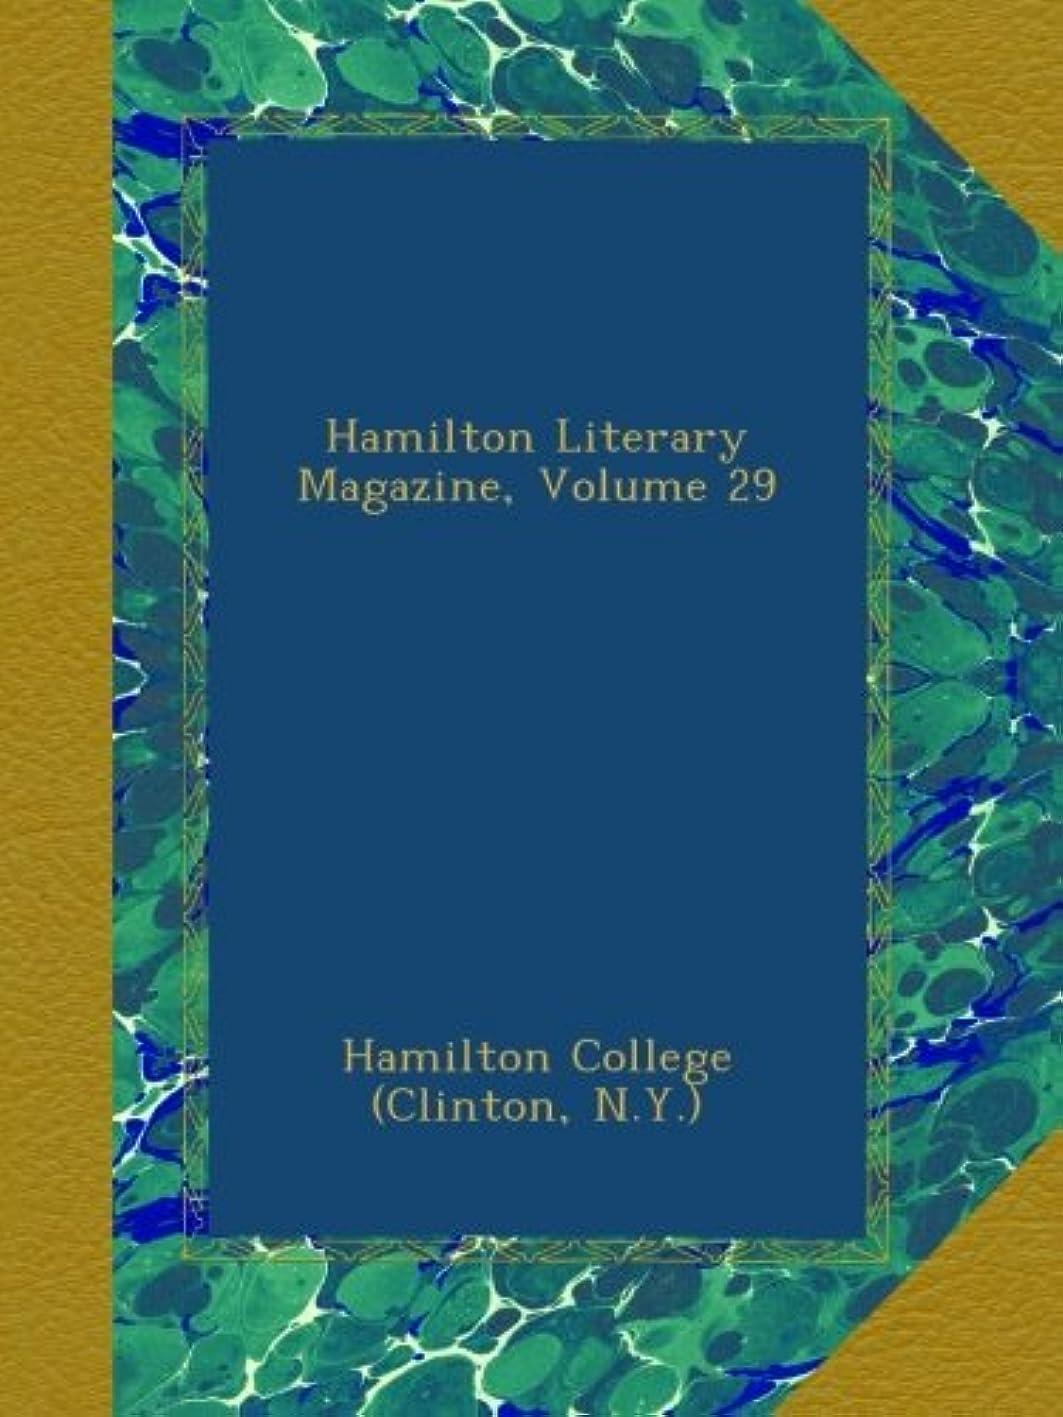 束ねる連鎖はさみHamilton Literary Magazine, Volume 29